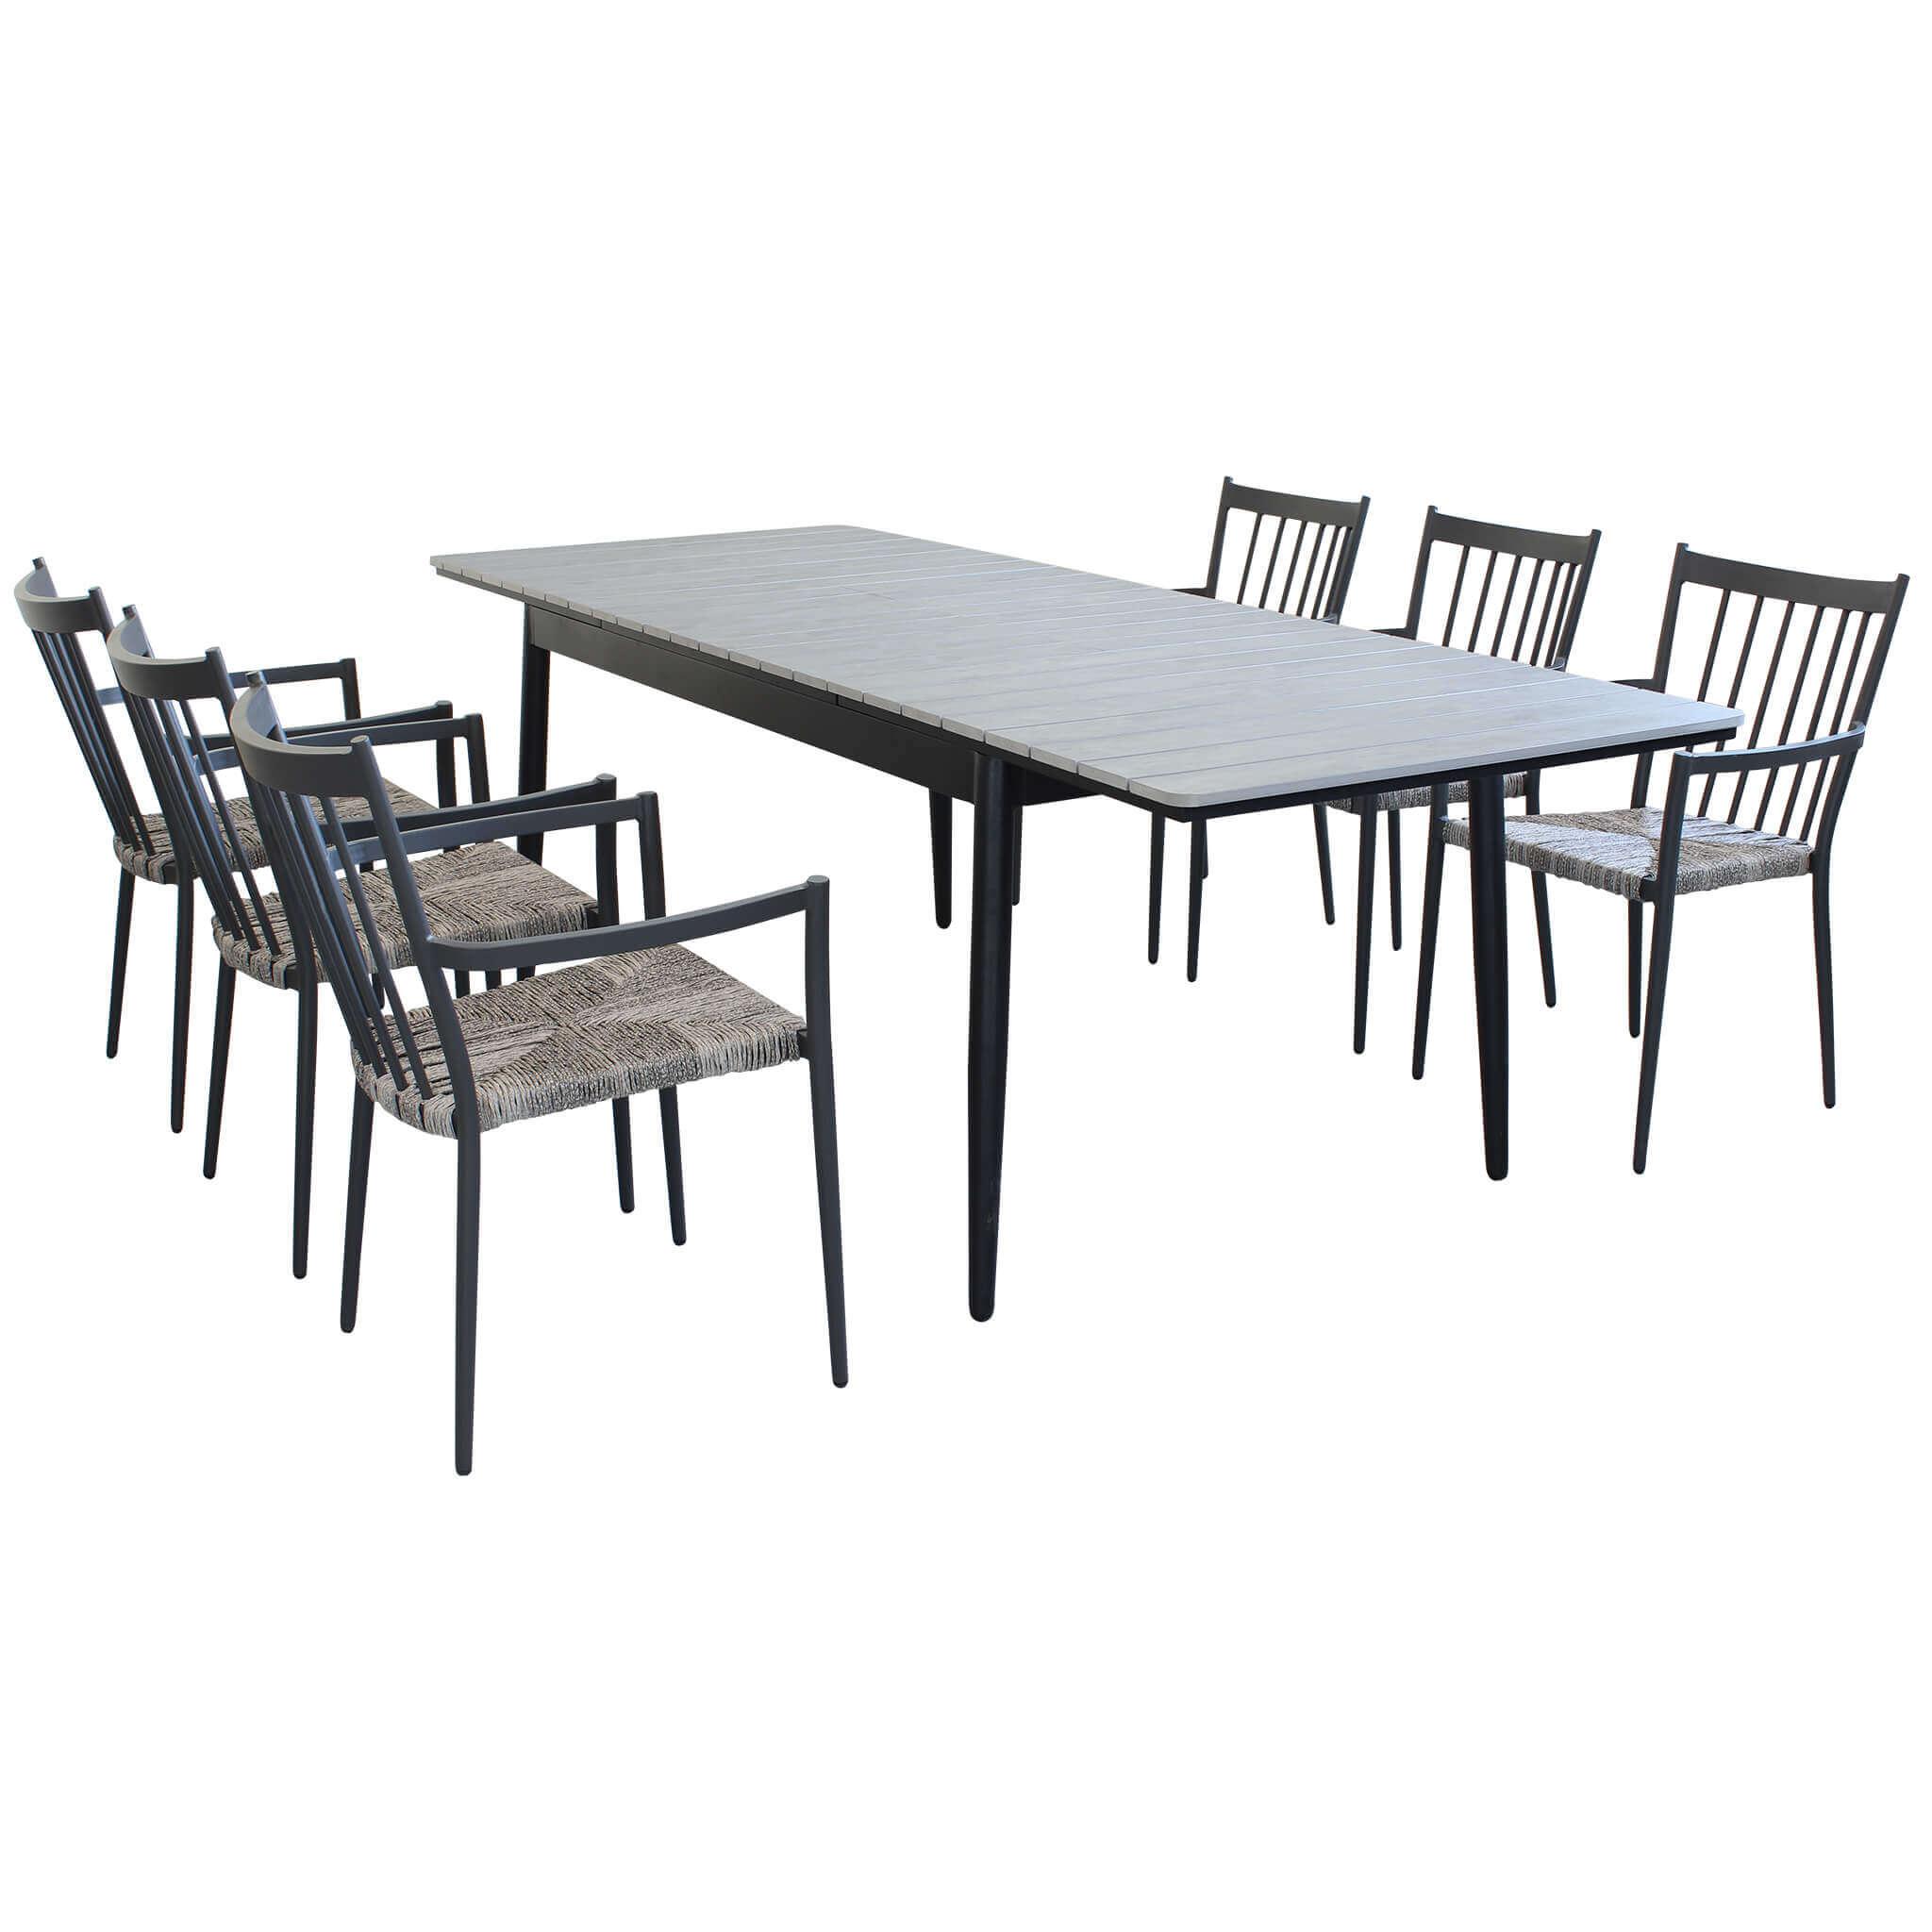 Milani Home DONATO - set tavolo da giardino allungabile in alluminio e polywood 160/240 x 90 compreso di 6 poltrone in alluminio e polyrattan